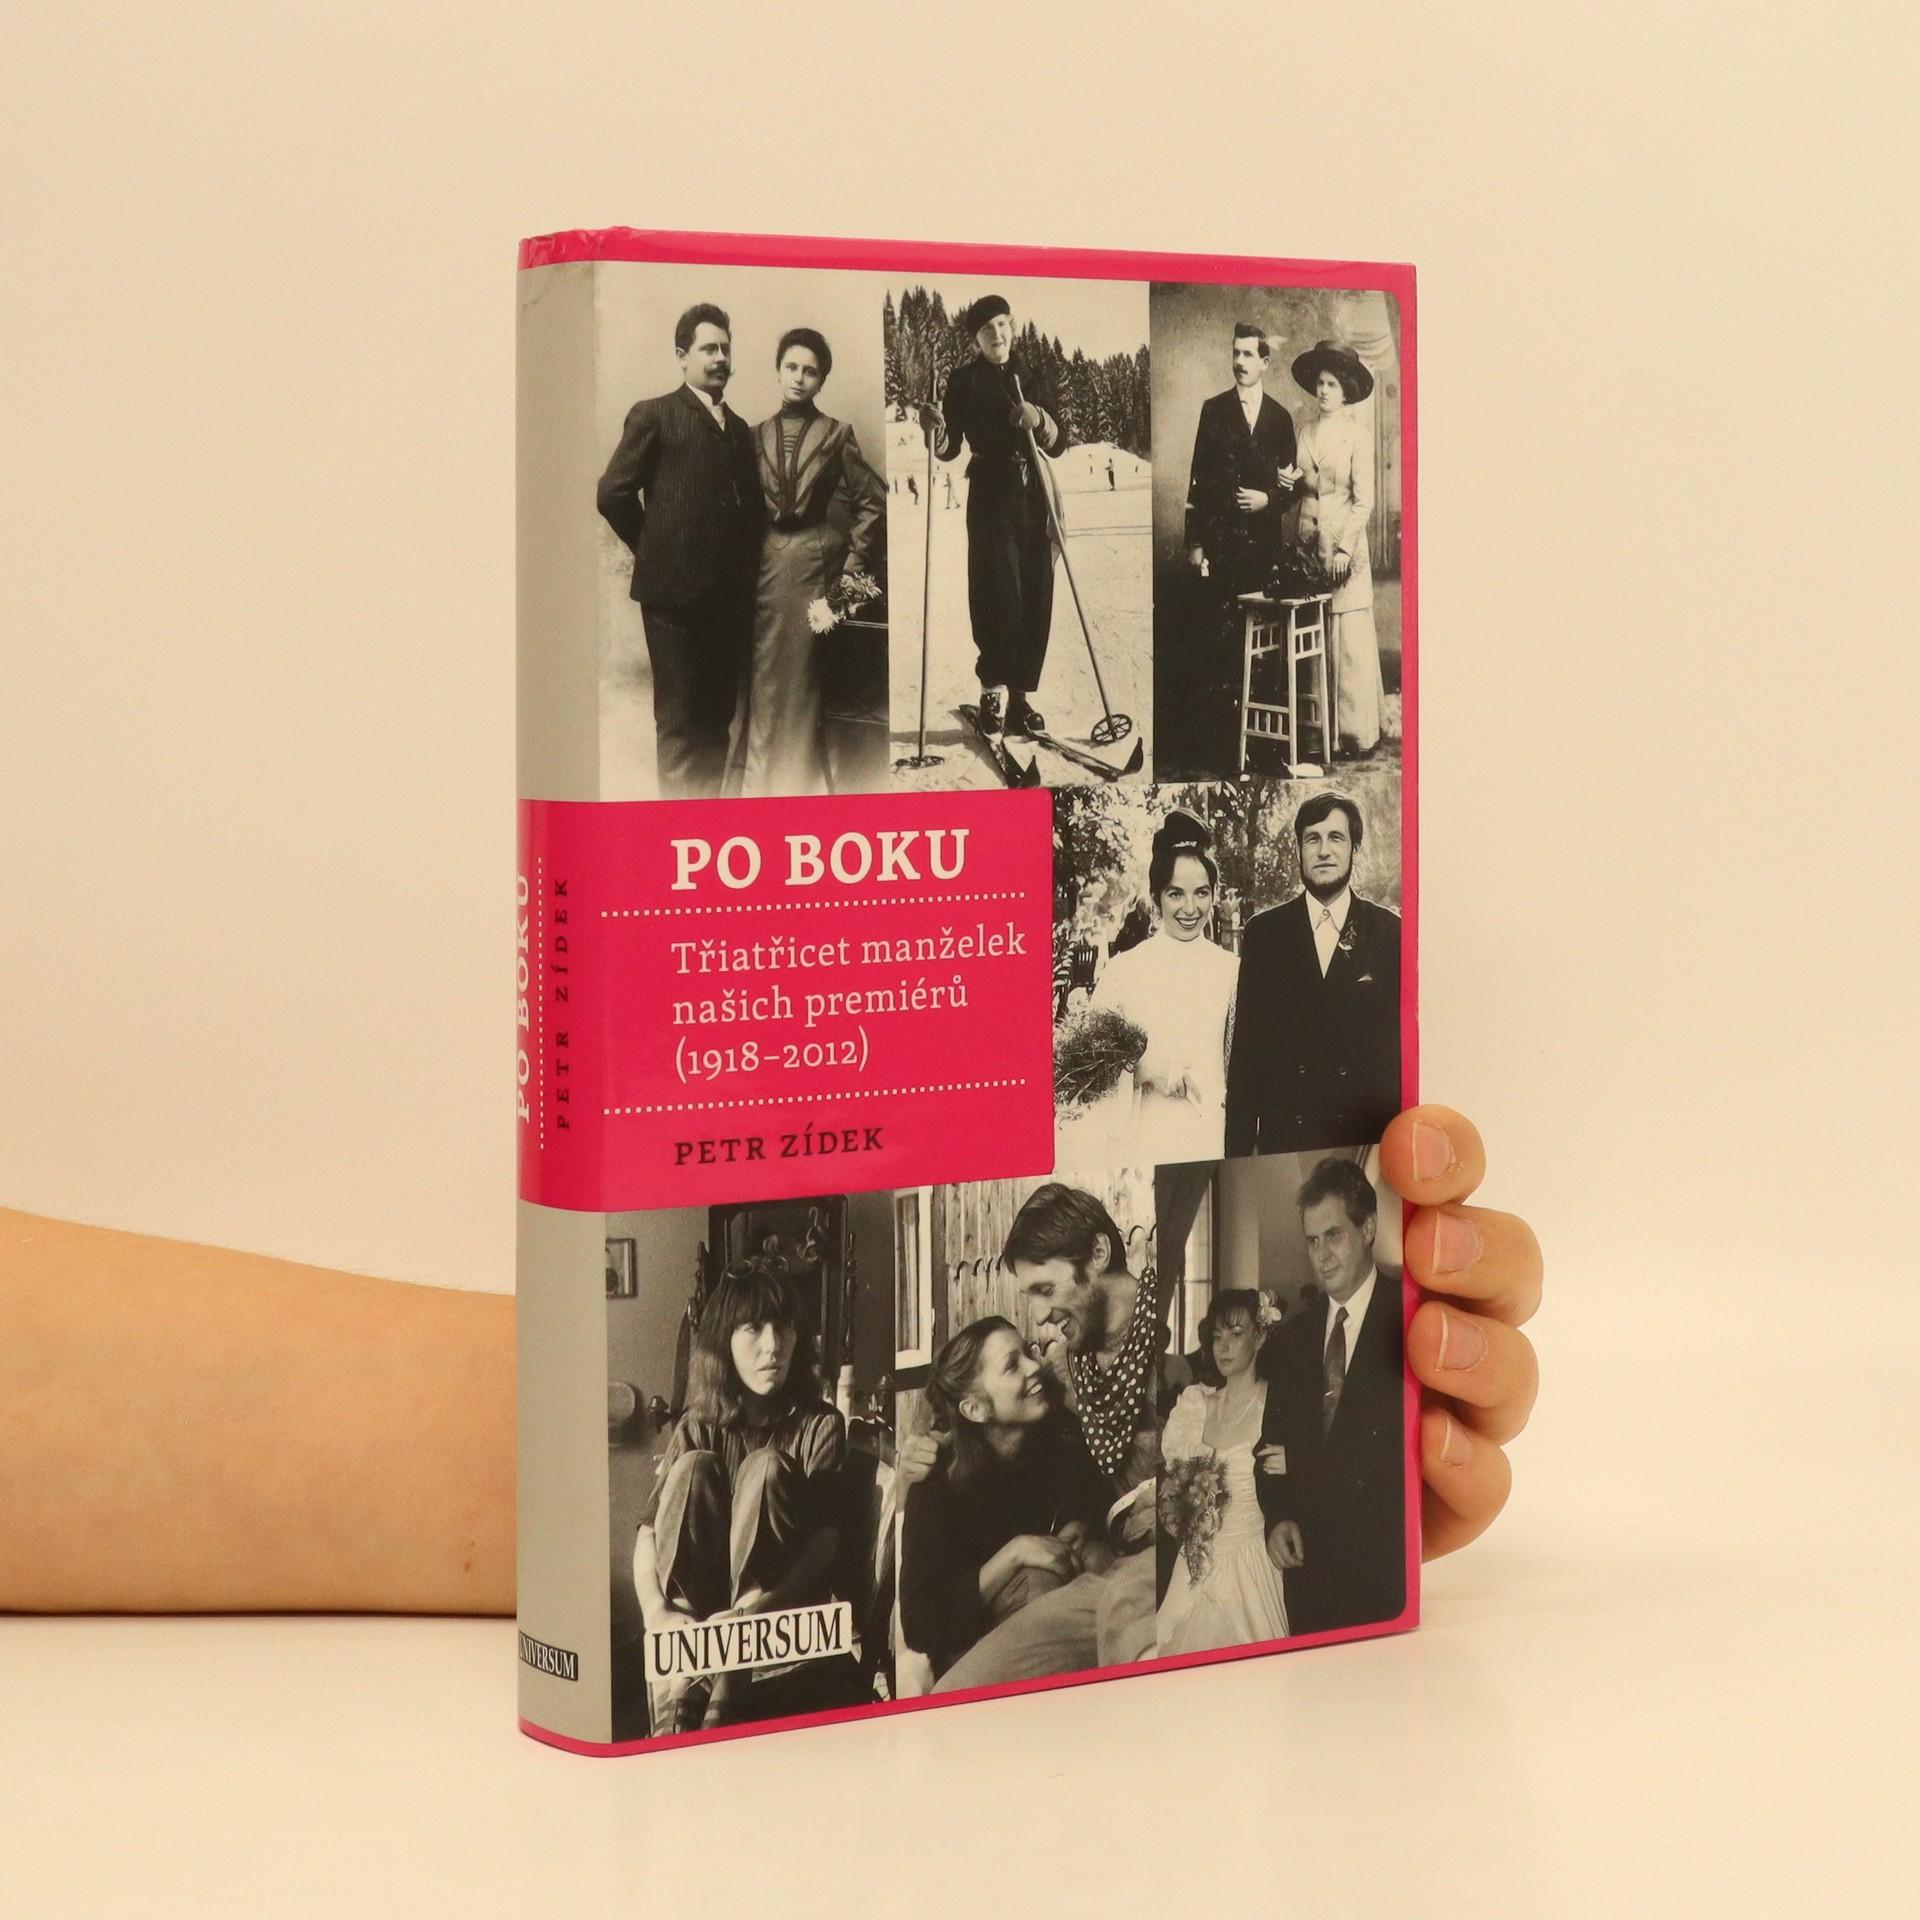 antikvární kniha Po boku : třiatřicet manželek našich premiérů (1918-2012), 2012